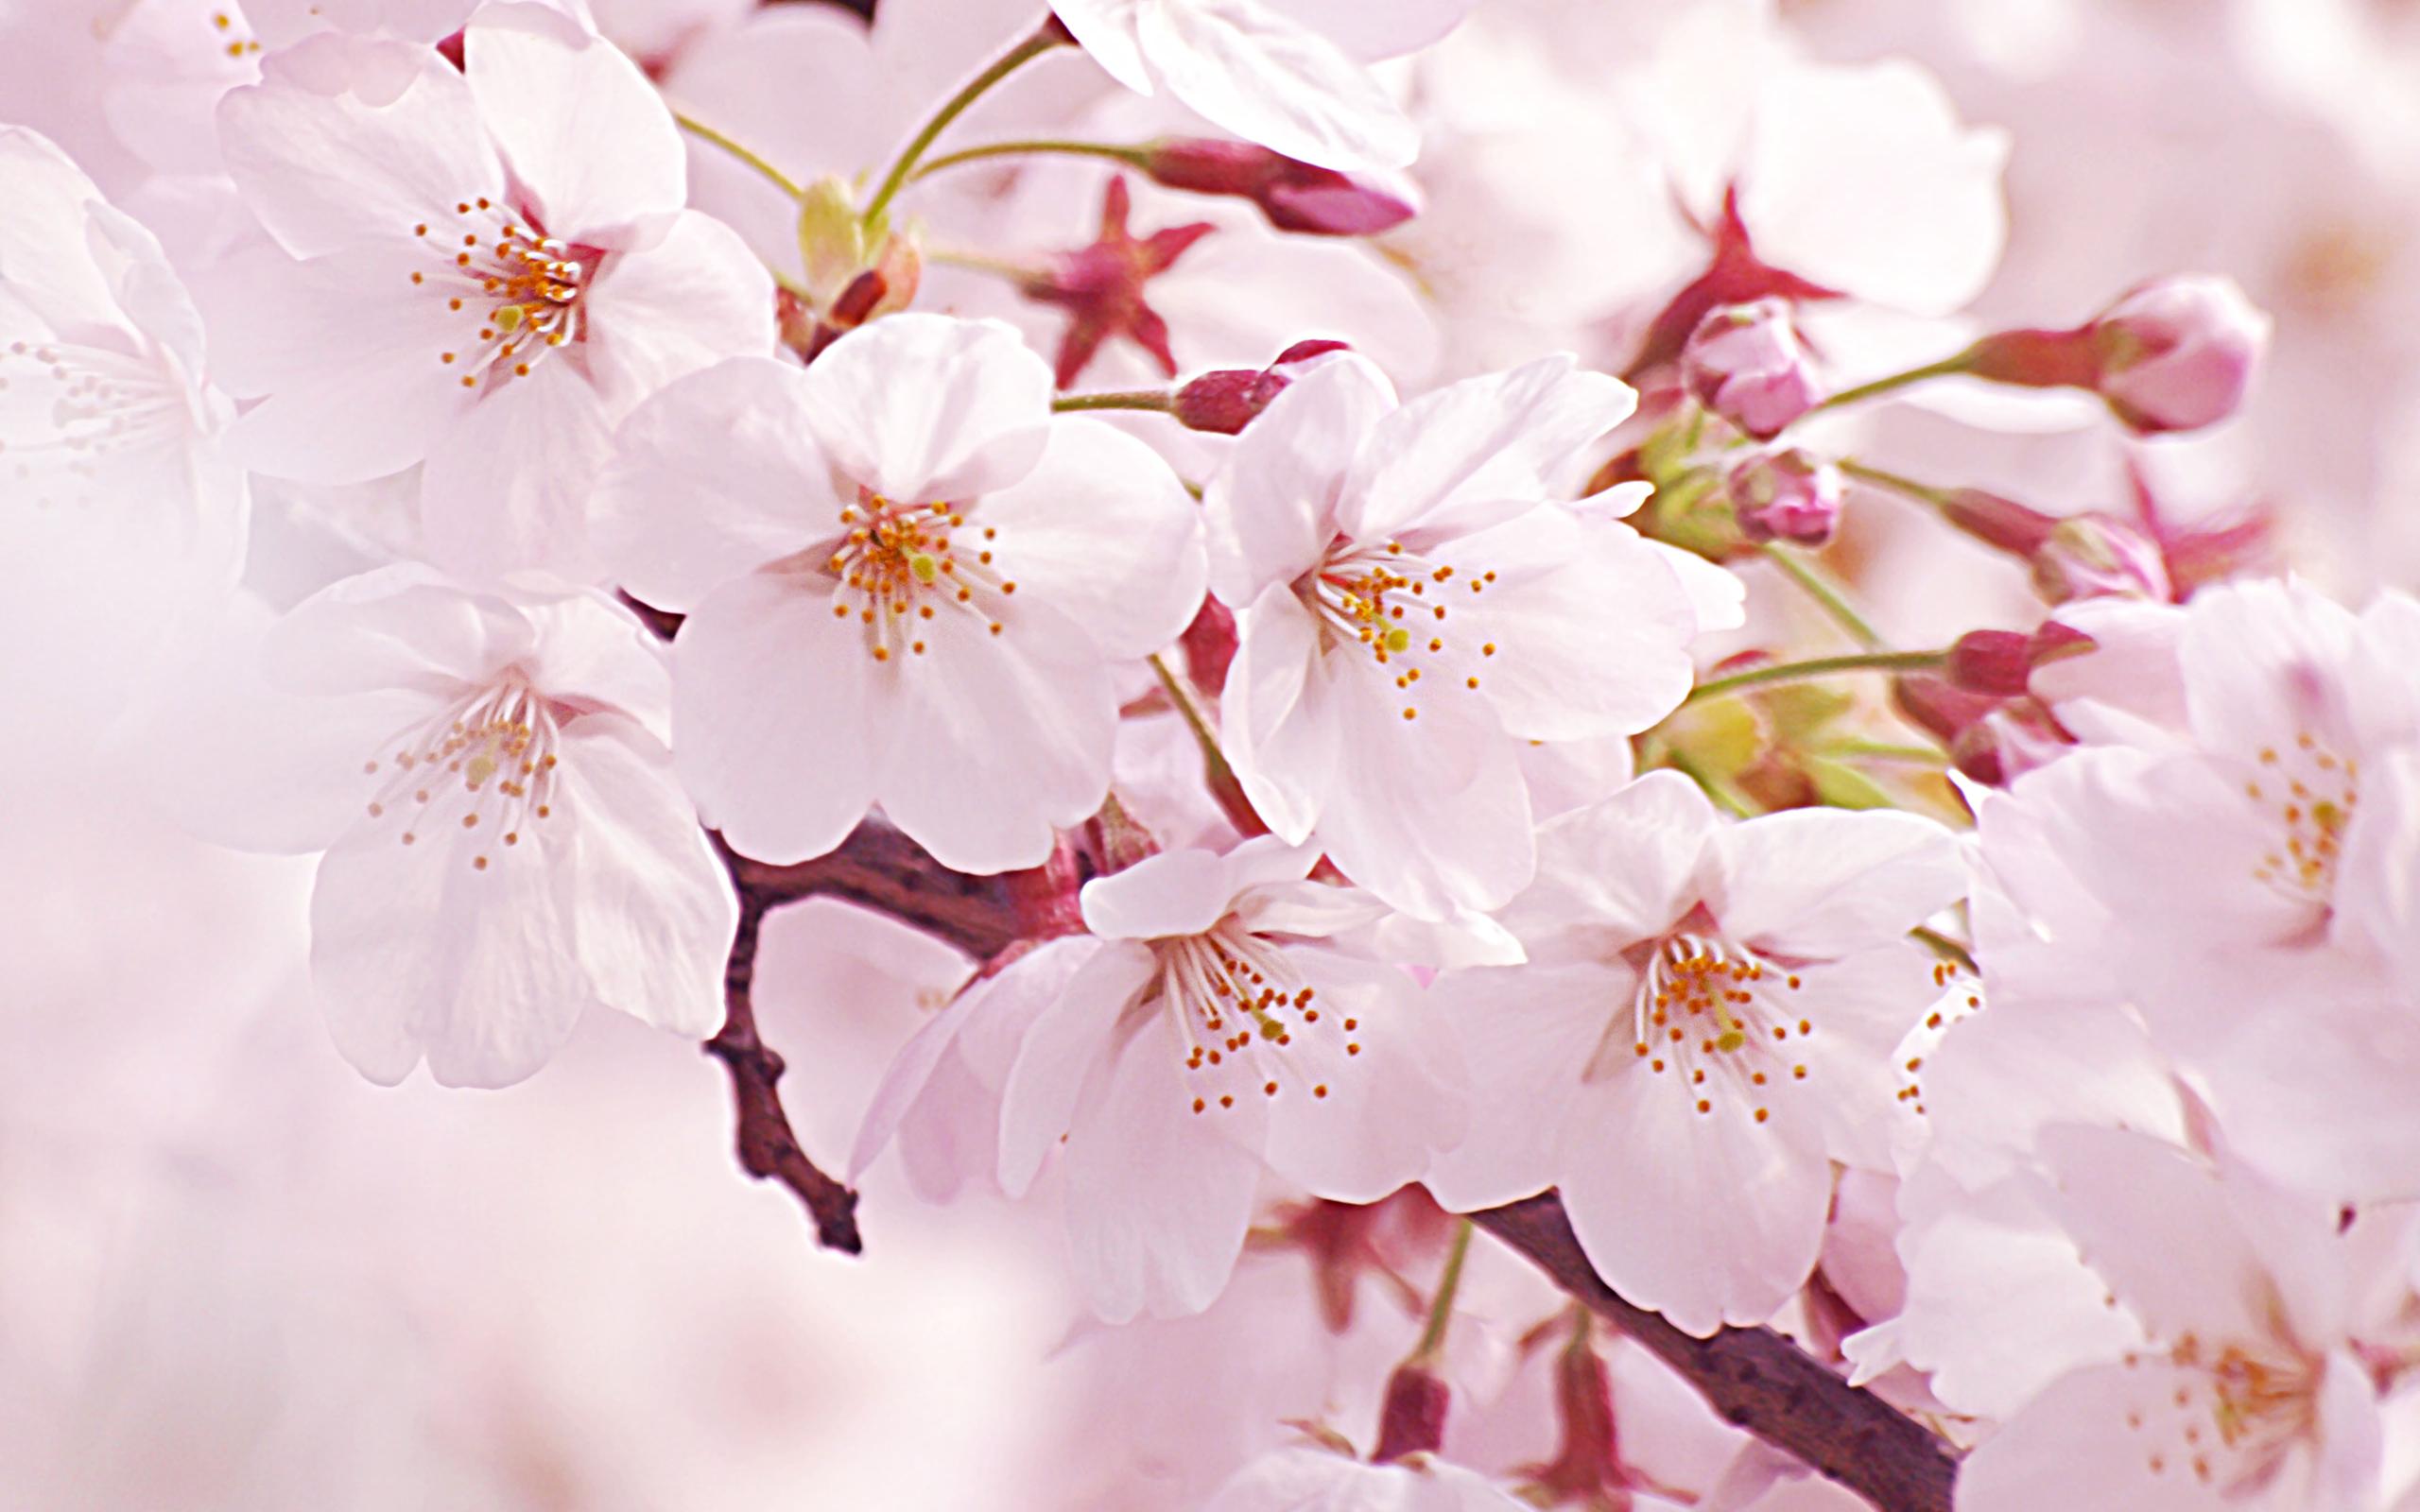 花より団子?!お花見の季節に欠かせないおすすめのおつまみ一覧のサムネイル画像